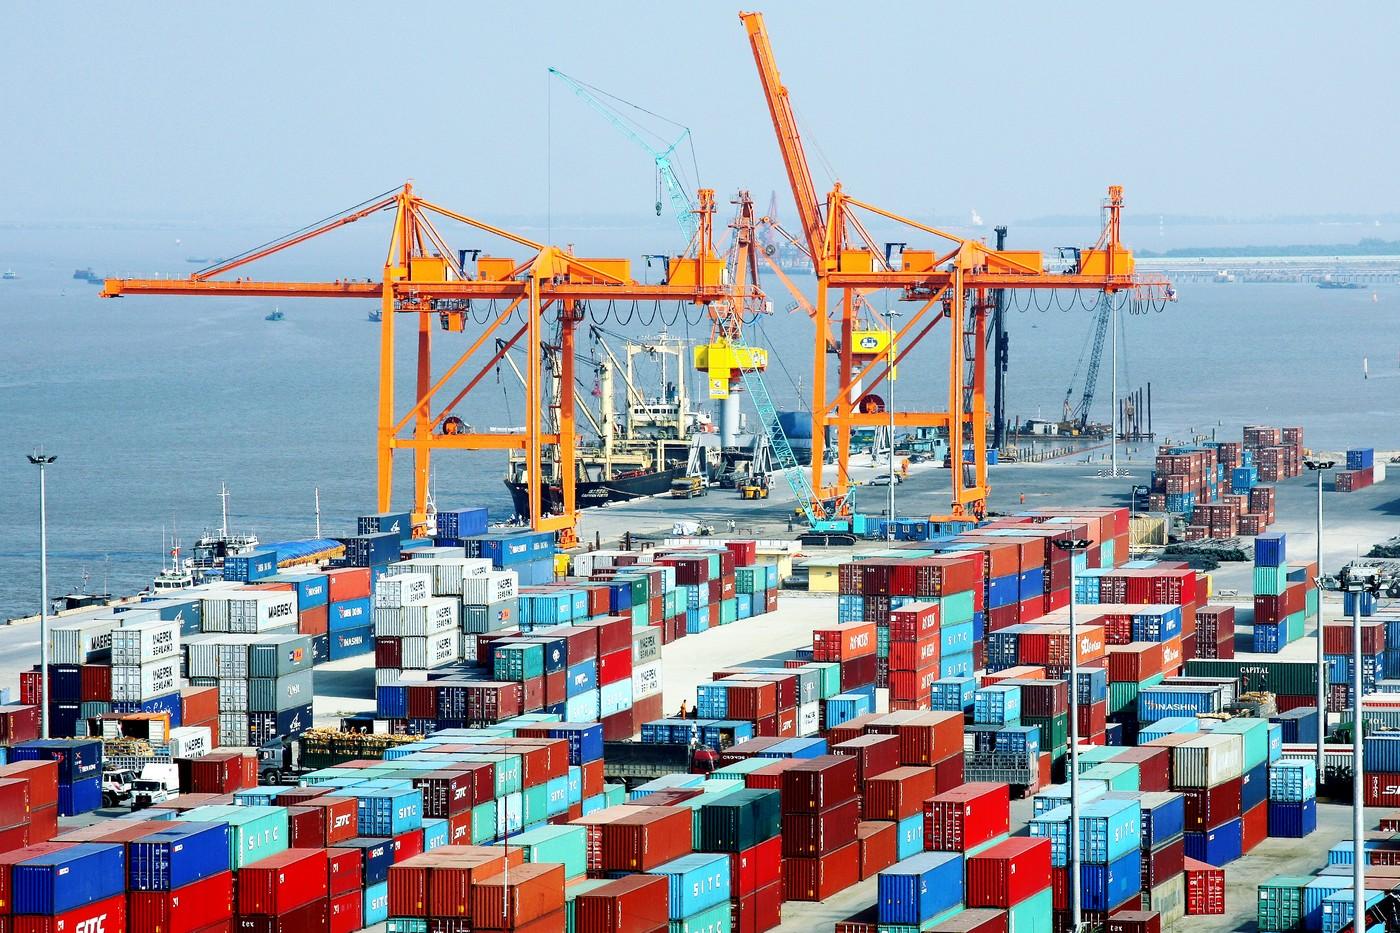 Đến năm 2030, cảng biển phía Bắc đáp ứng khoảng 870 ngàn lượt khách du lịch